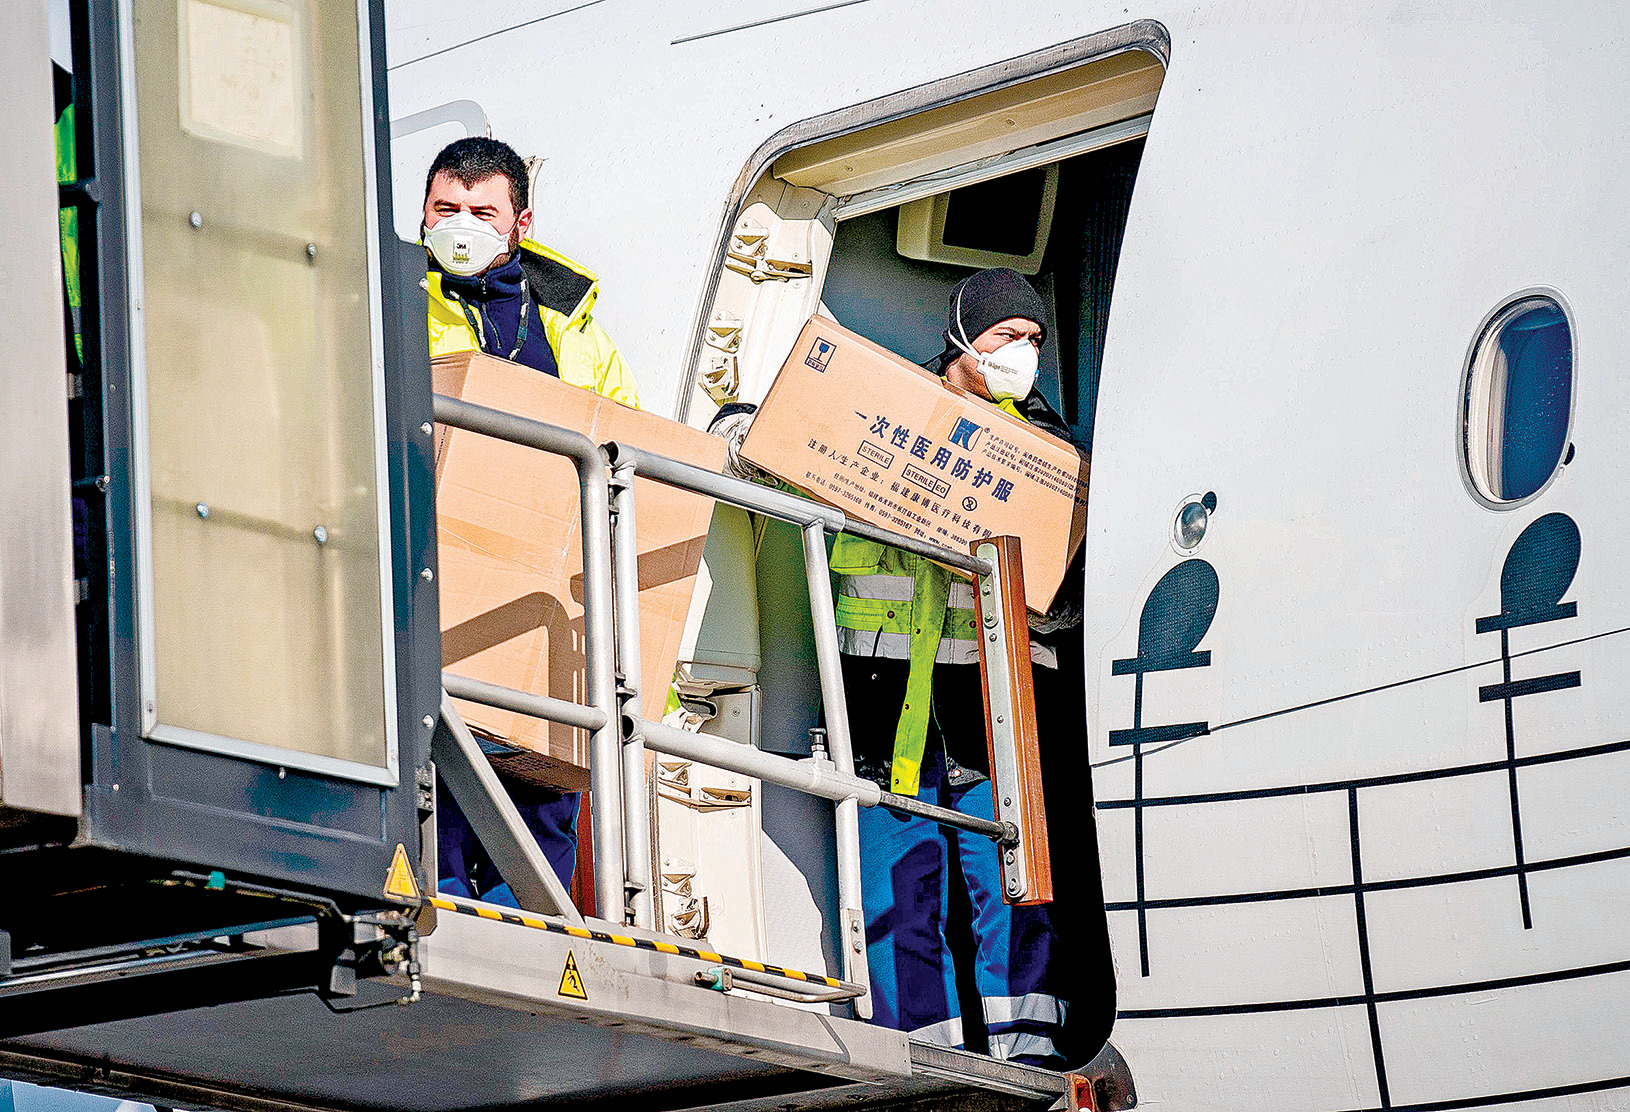 意大利機場人員搬運從中國運來的醫療物資。 (GEORG HOCHMUTH/APA/AFP via Getty Images)